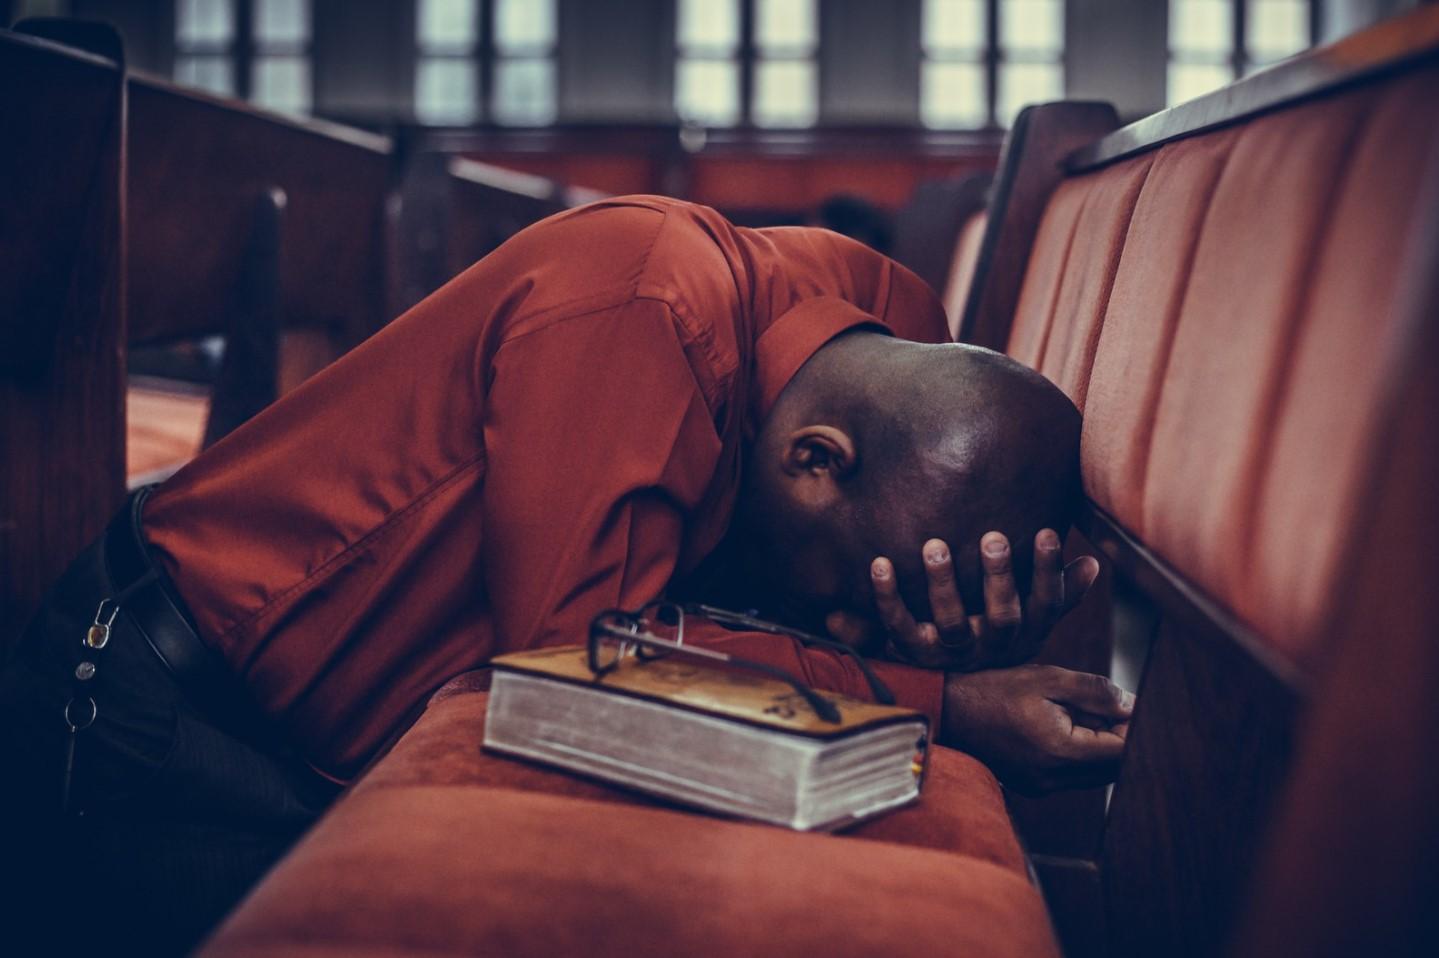 orando en las bancas de la iglesia